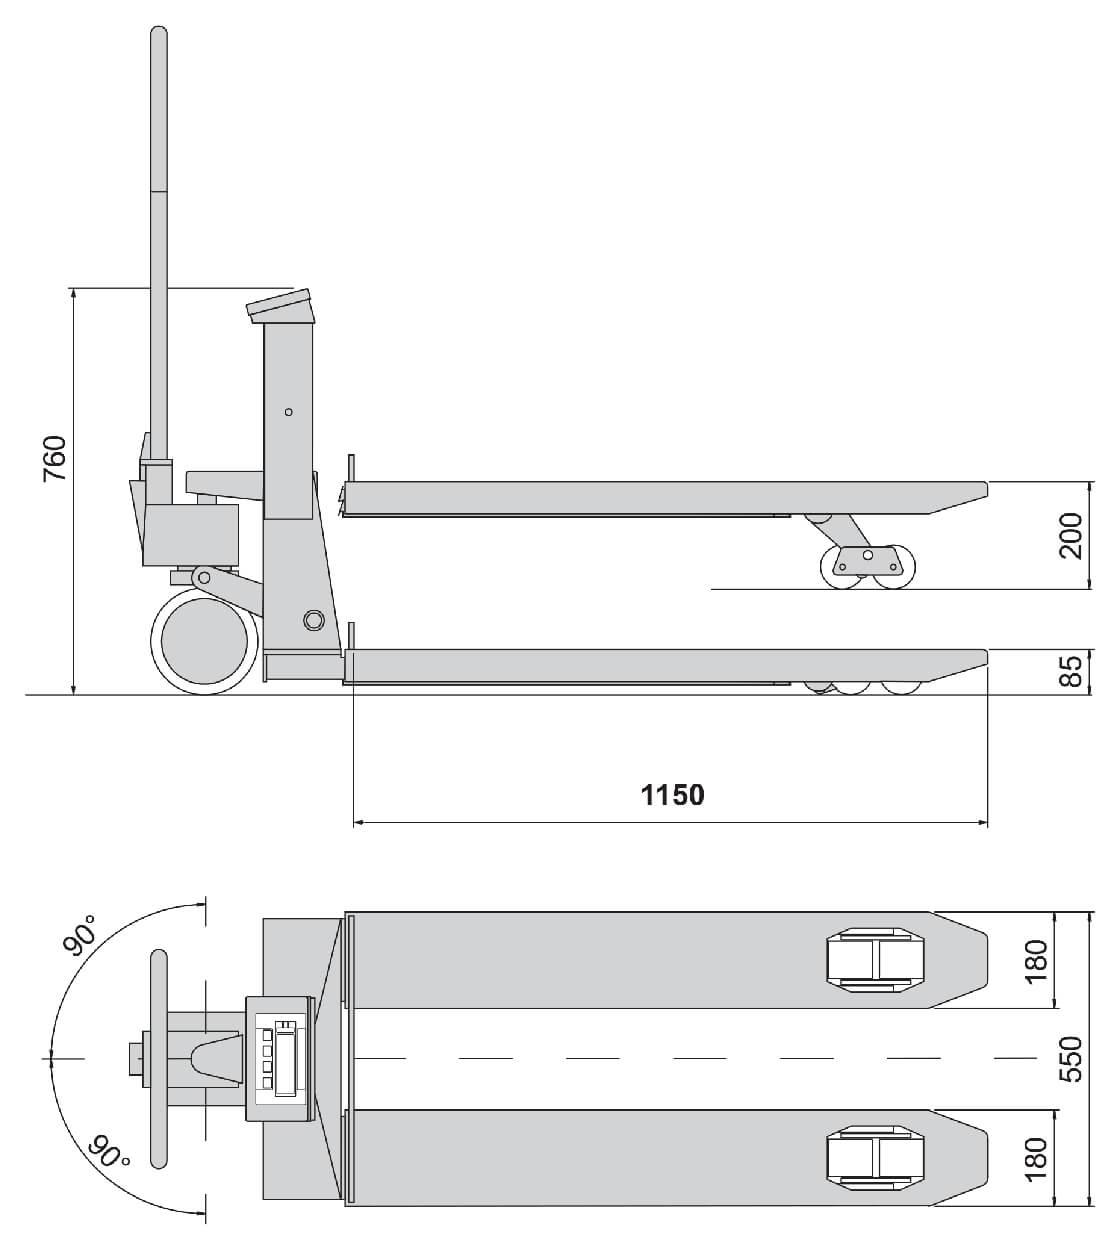 Wiegehubwagen_HLS-D_2000